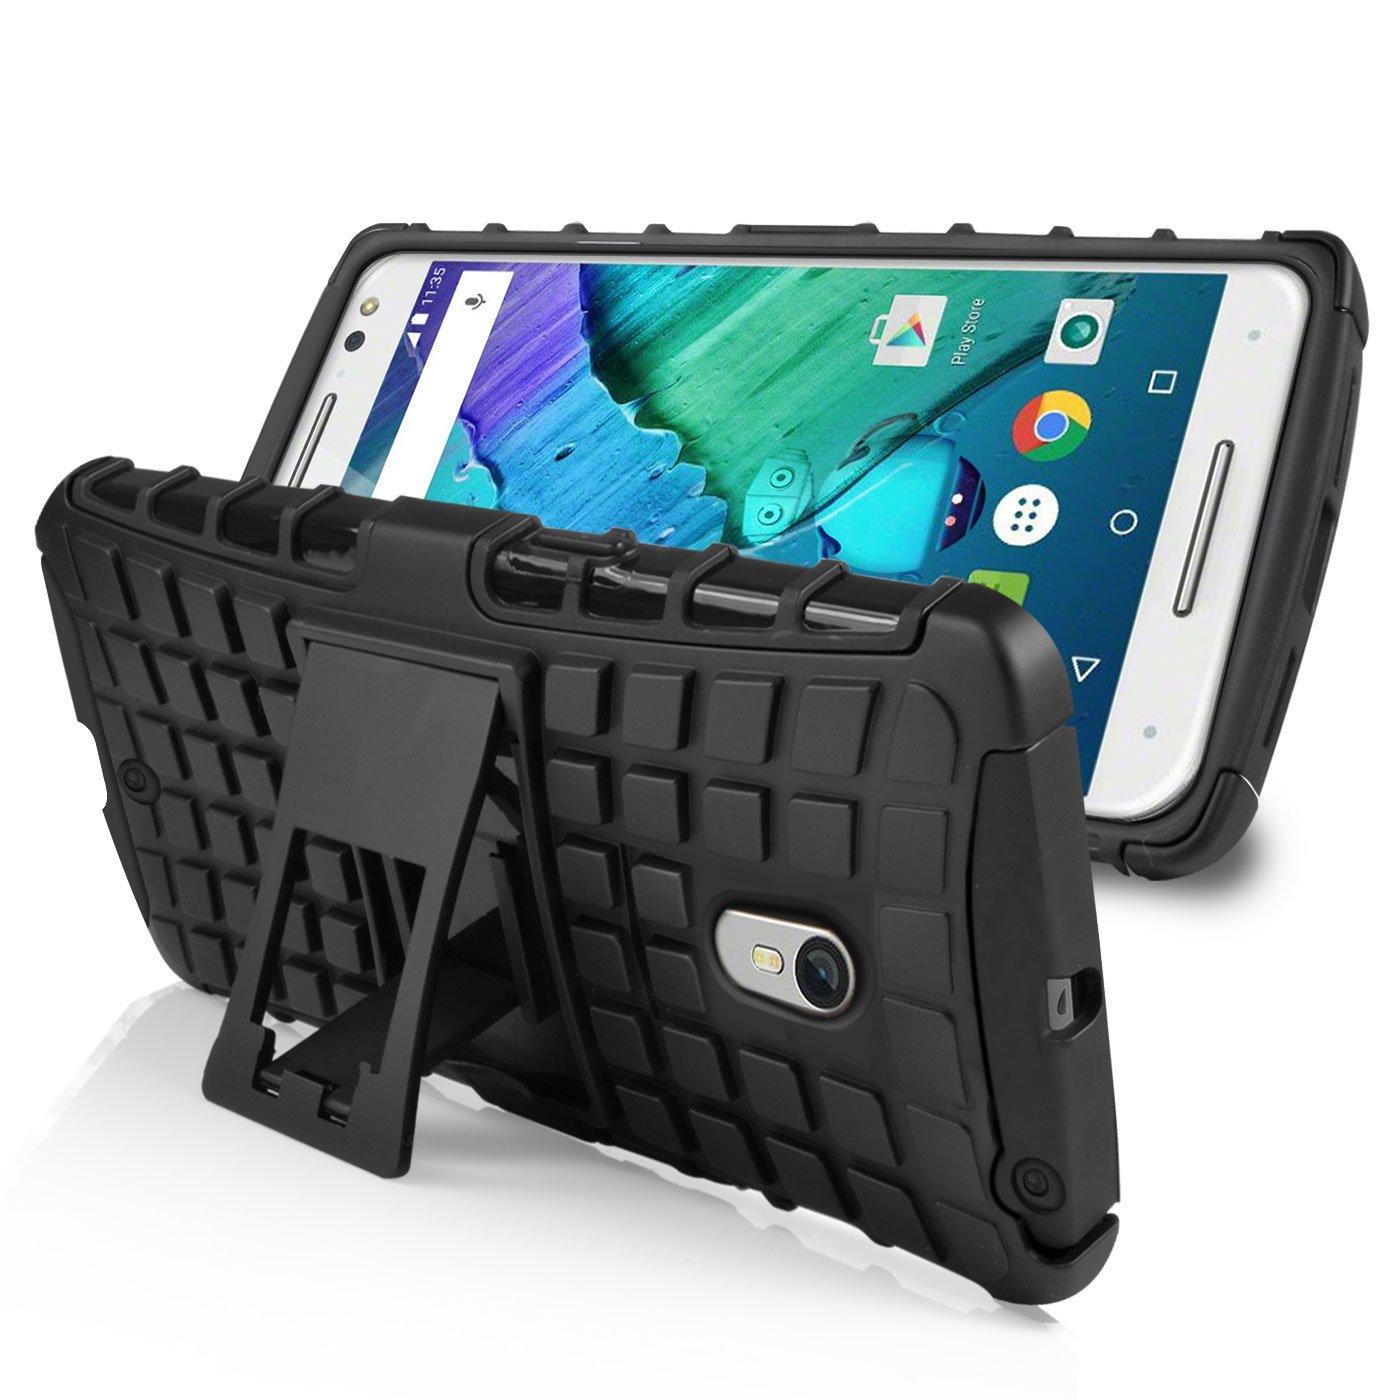 Armourdillo Hybrid Protective Case for Motorola Moto X Style - Black